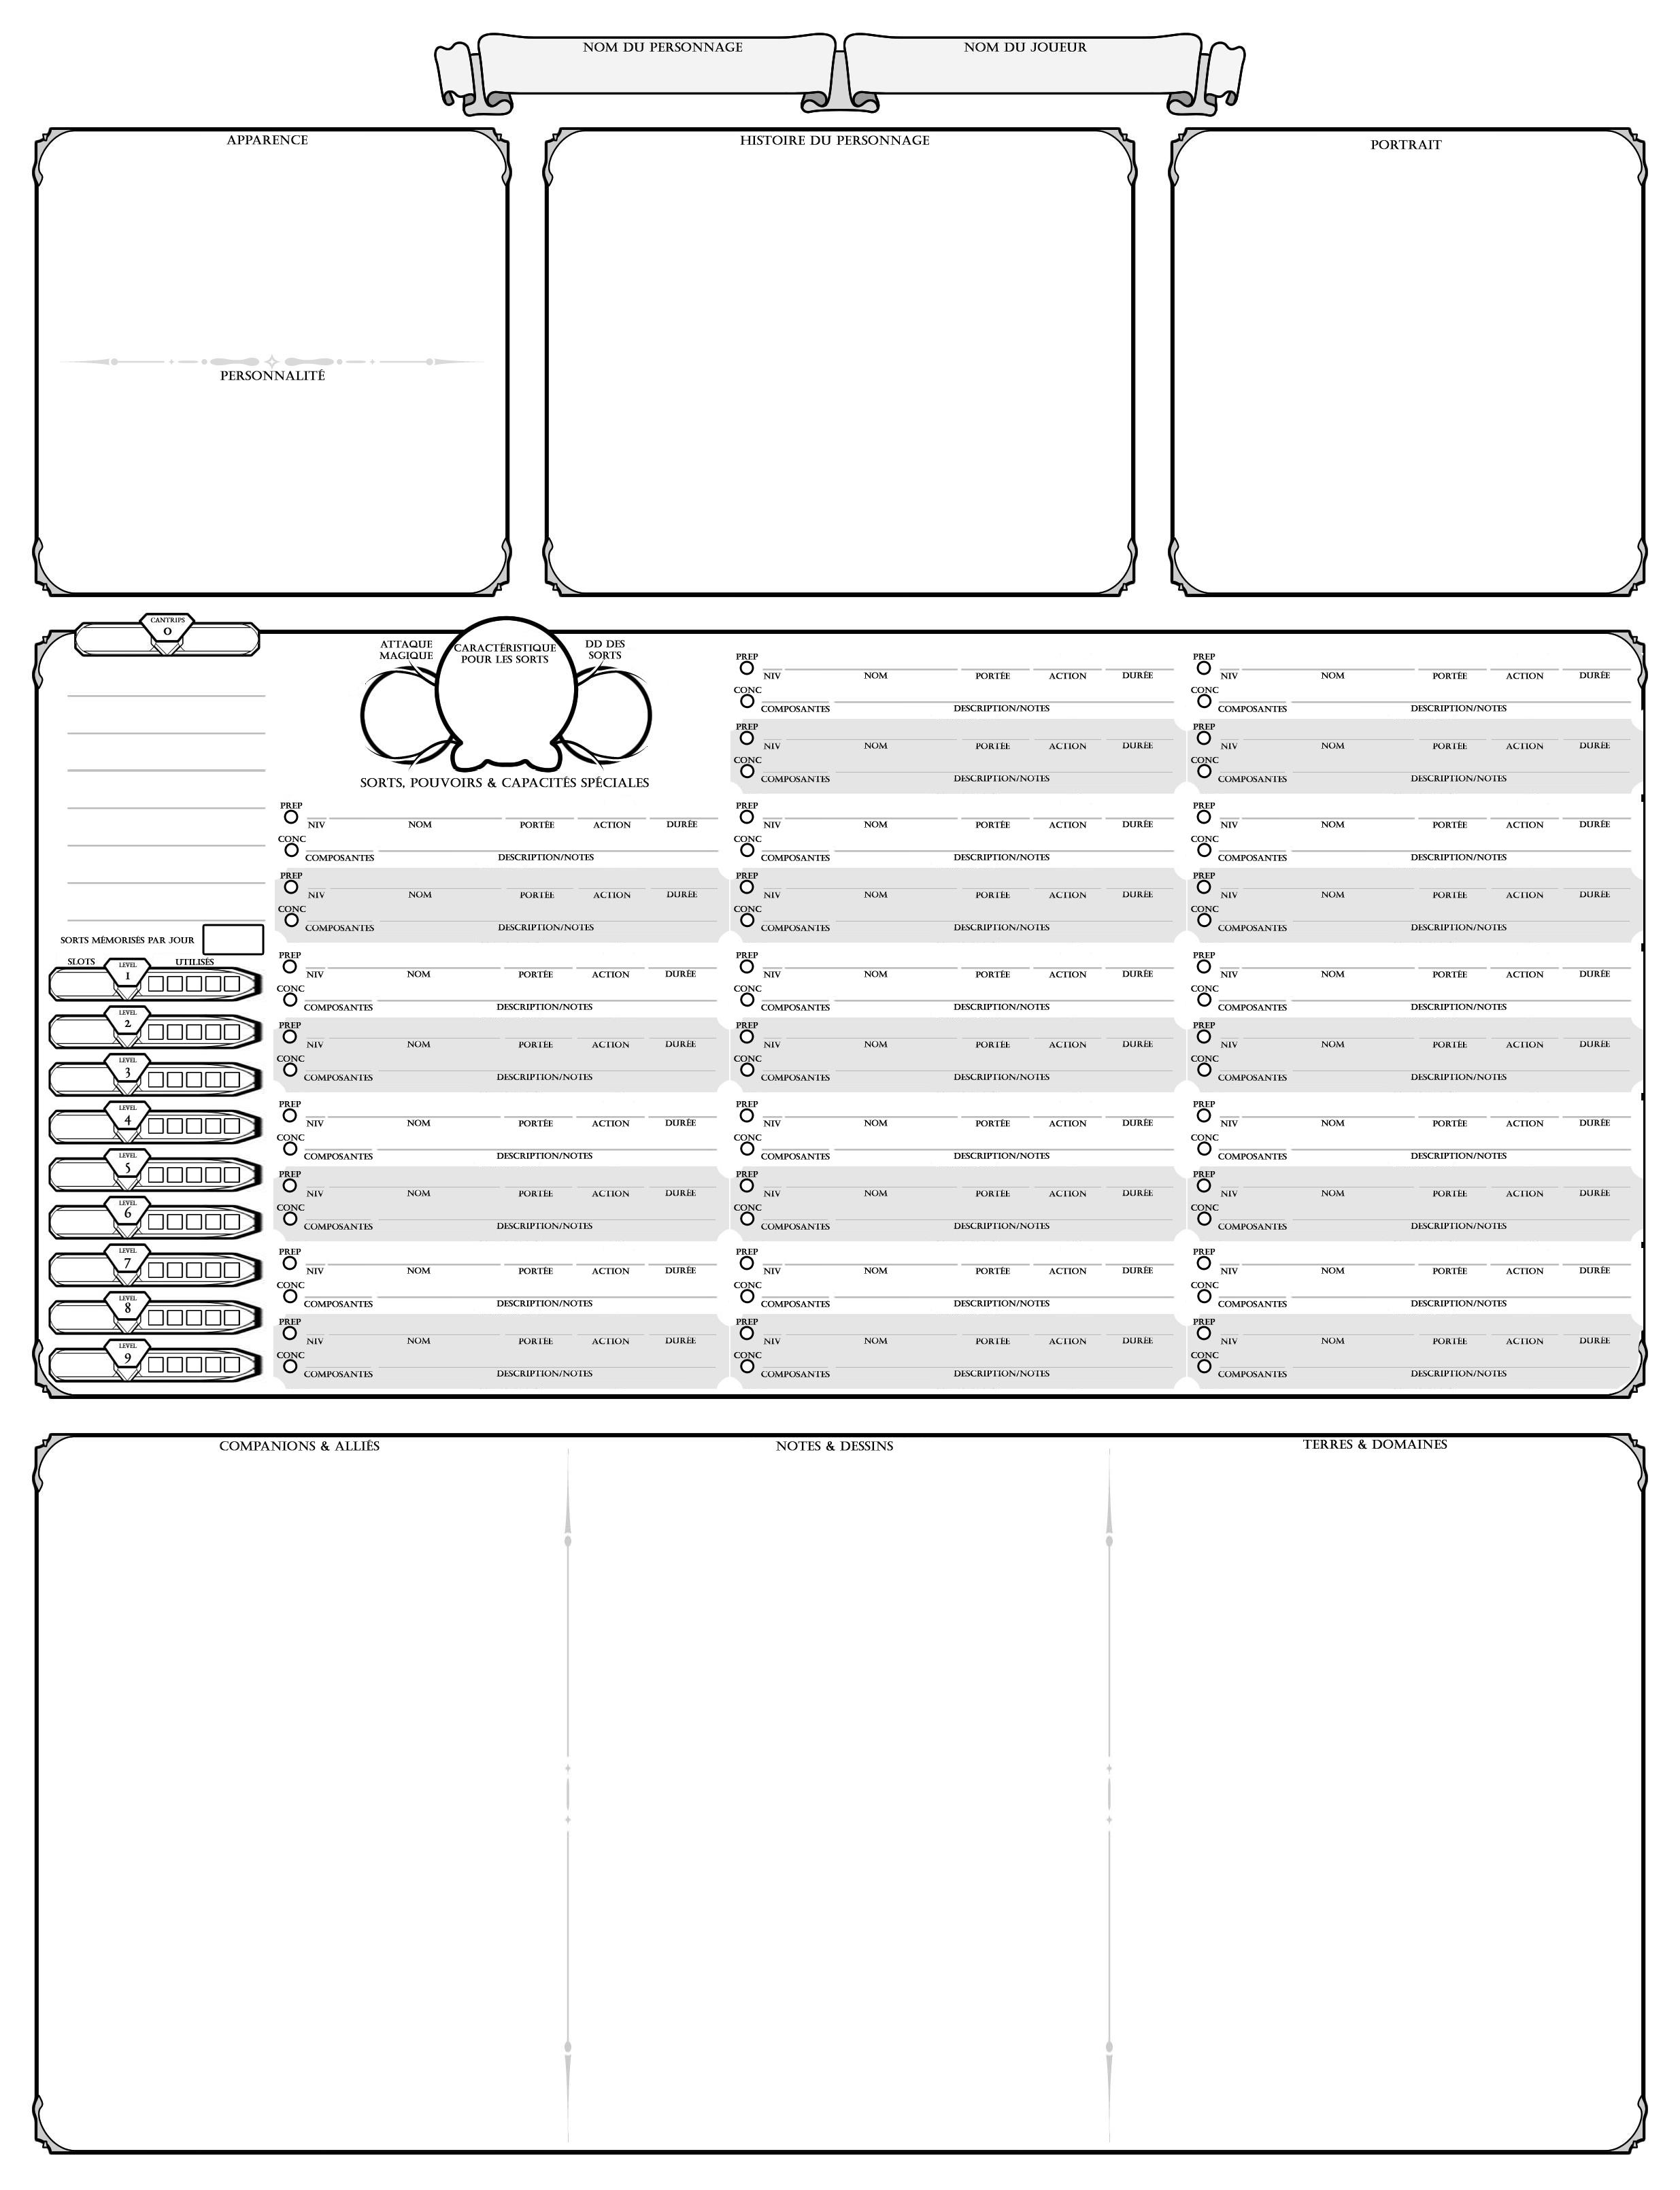 D&D5 Character Sheet P2.jpg